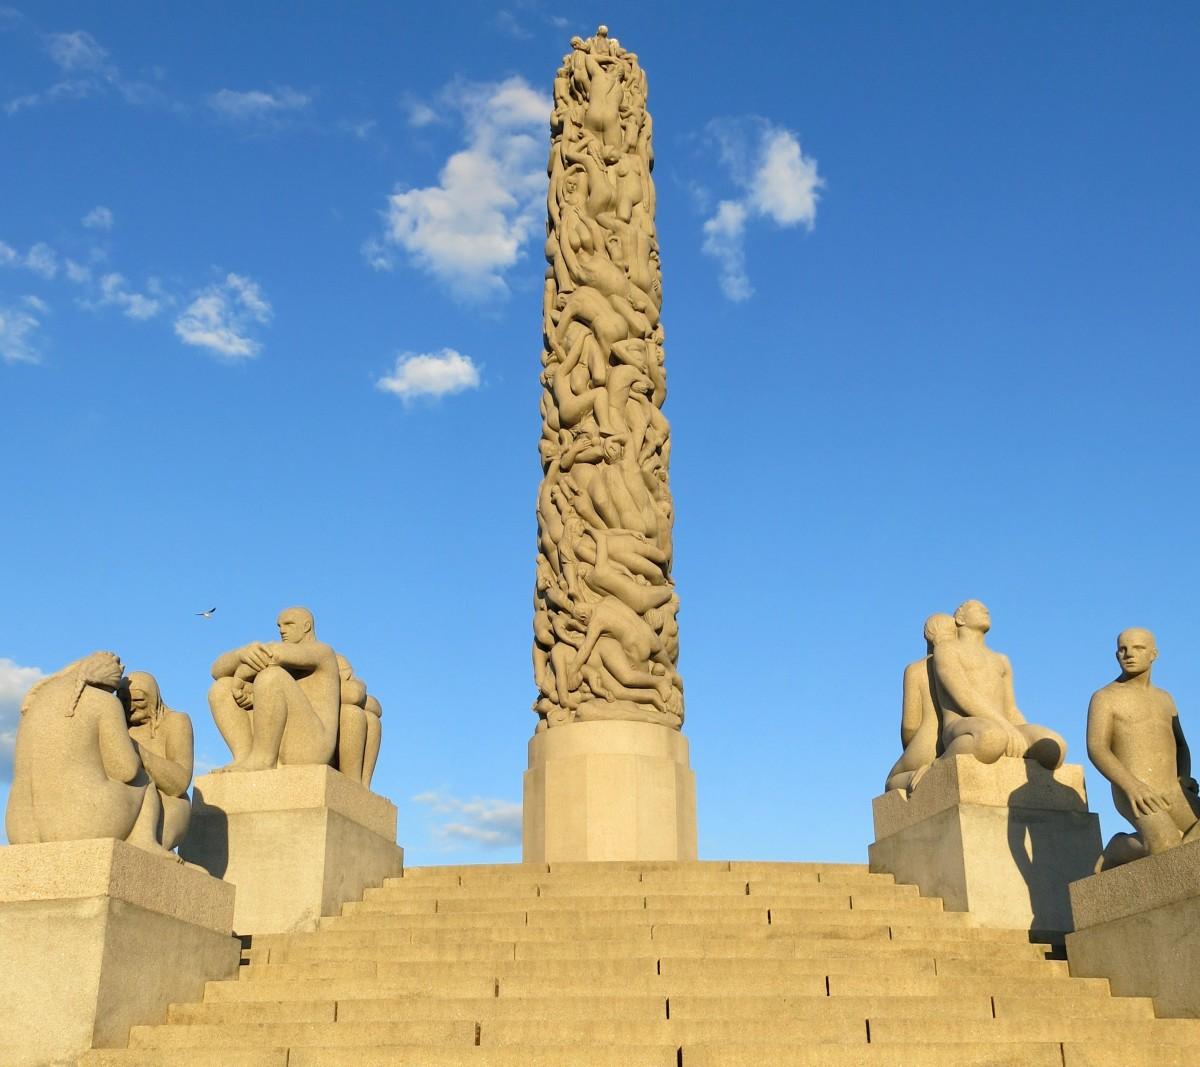 The Vigeland Sculpture Park